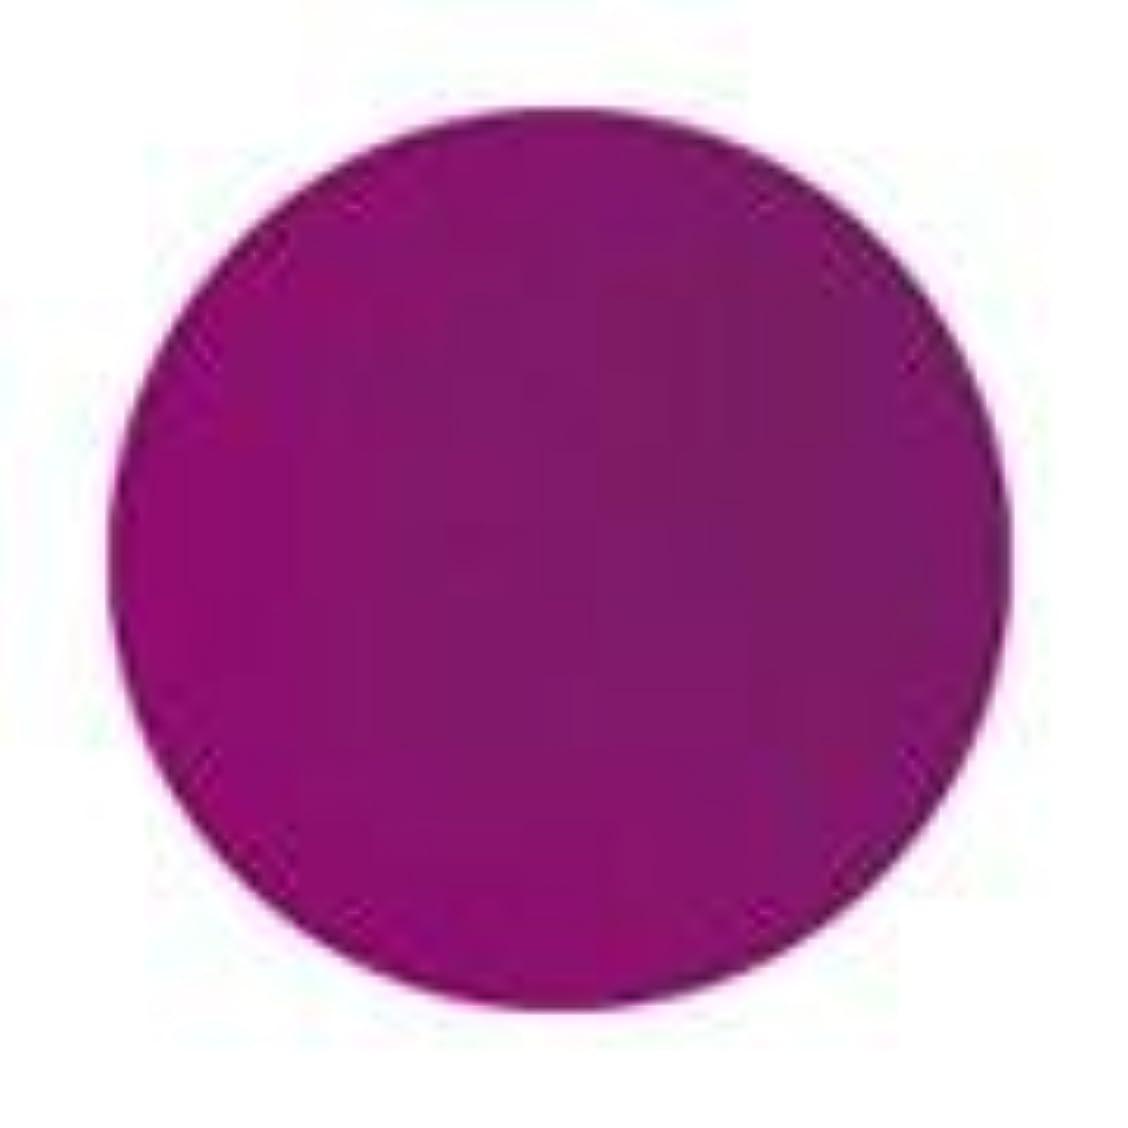 ピストン嫌がらせやりがいのあるJessica ジェレレーション カラー 15ml  953 バイオレットフレーム